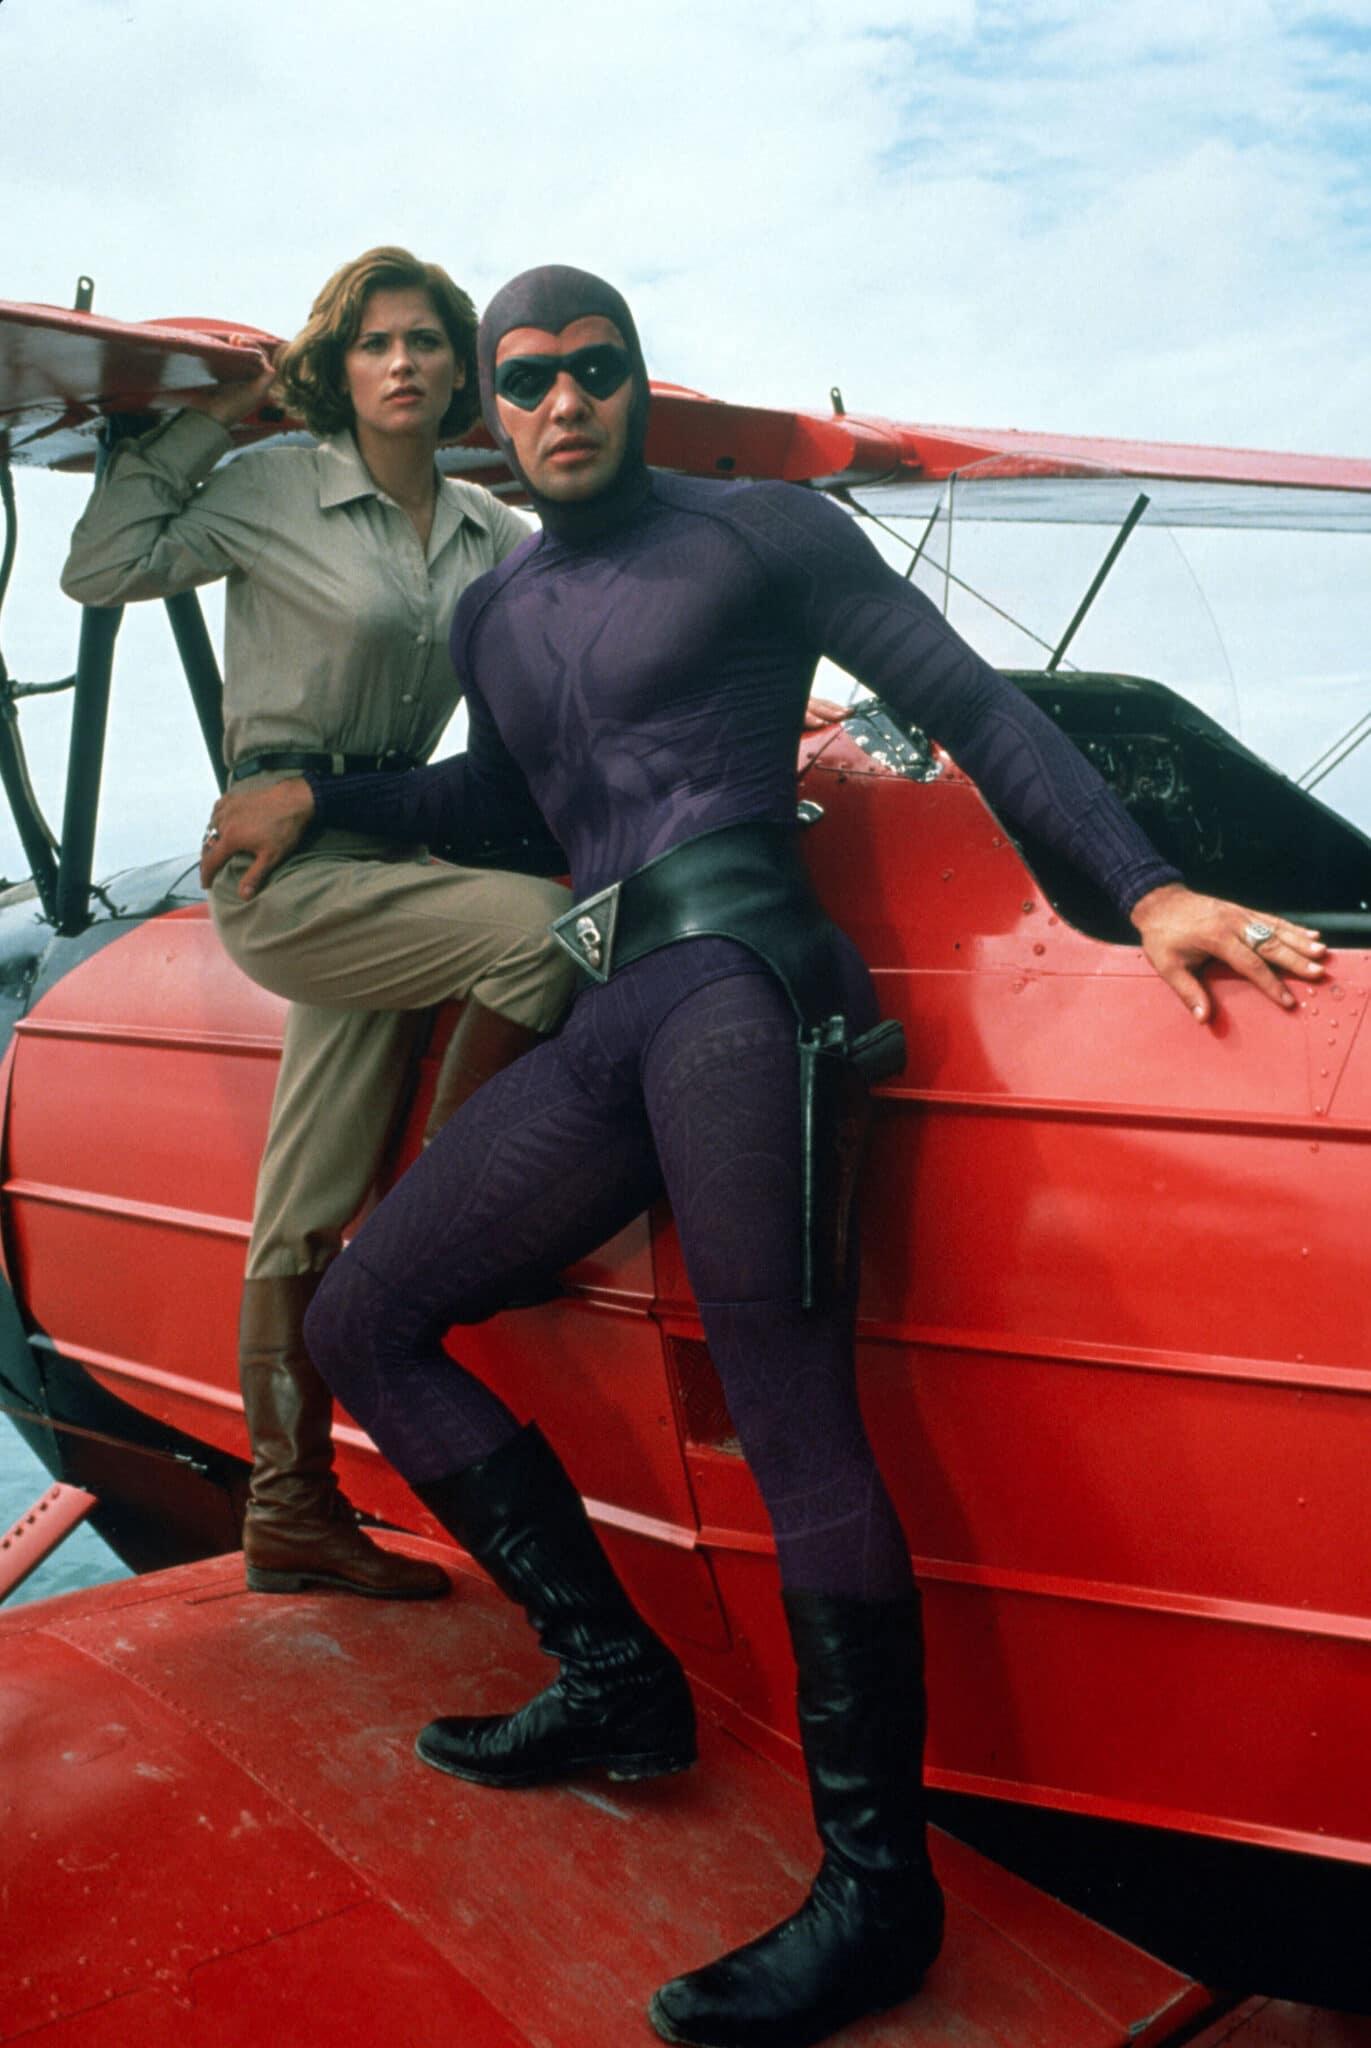 Billy Zane als Das Phantom steht mit Kristy Swanson auf dem Flügel eines roten Kleinflugzeugs. Beide wirken angespannt und bereit zum Sprung.